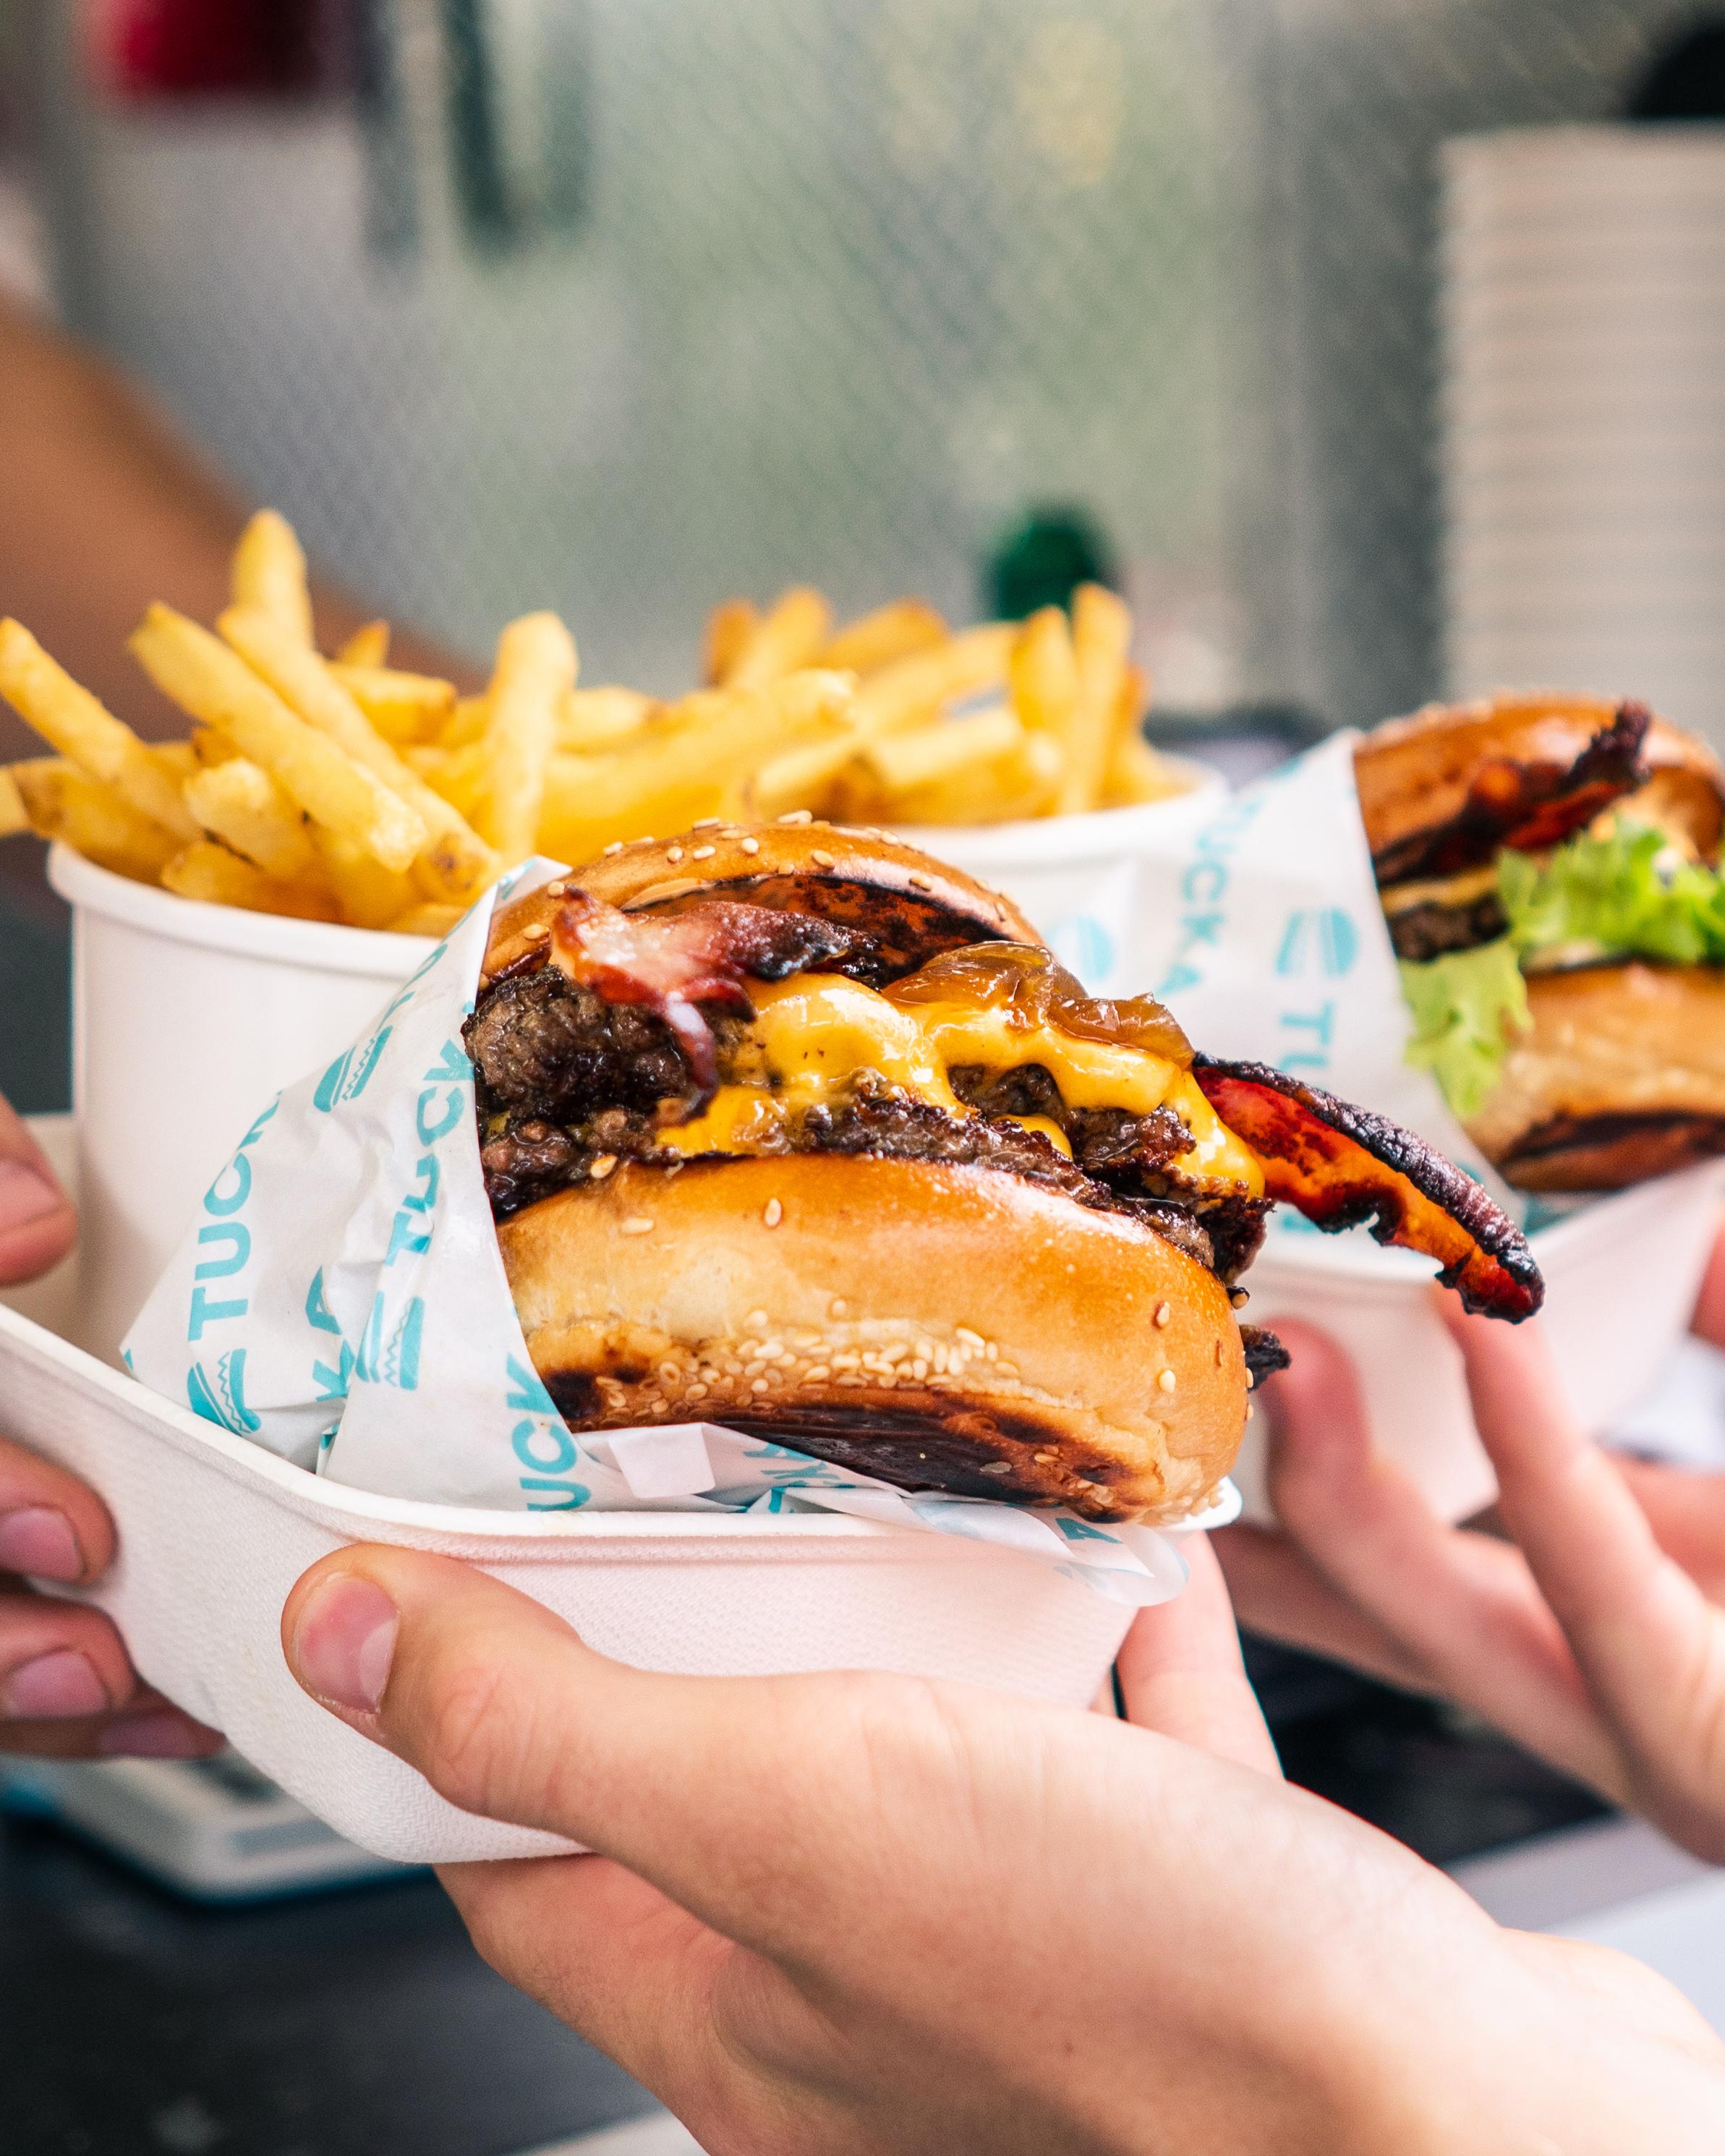 threeshades burger being passed.JPG